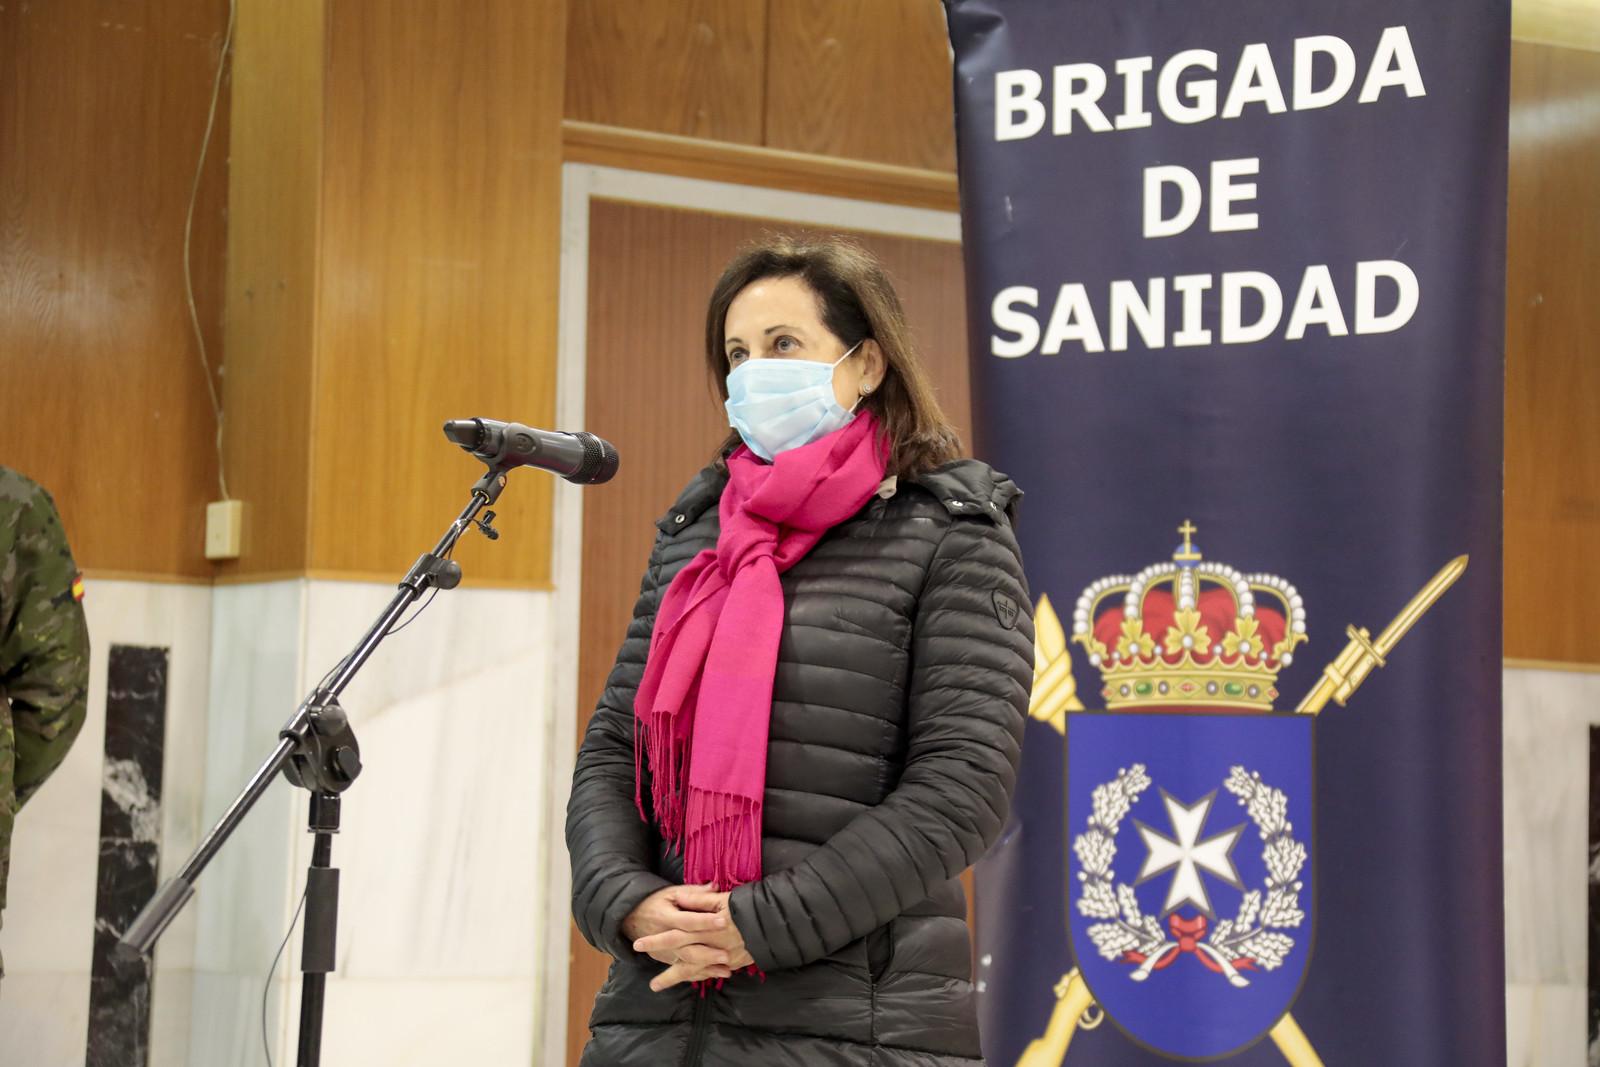 La Brigada de Sanidad informa a la ministra de su intensa intervención en la ola de frío